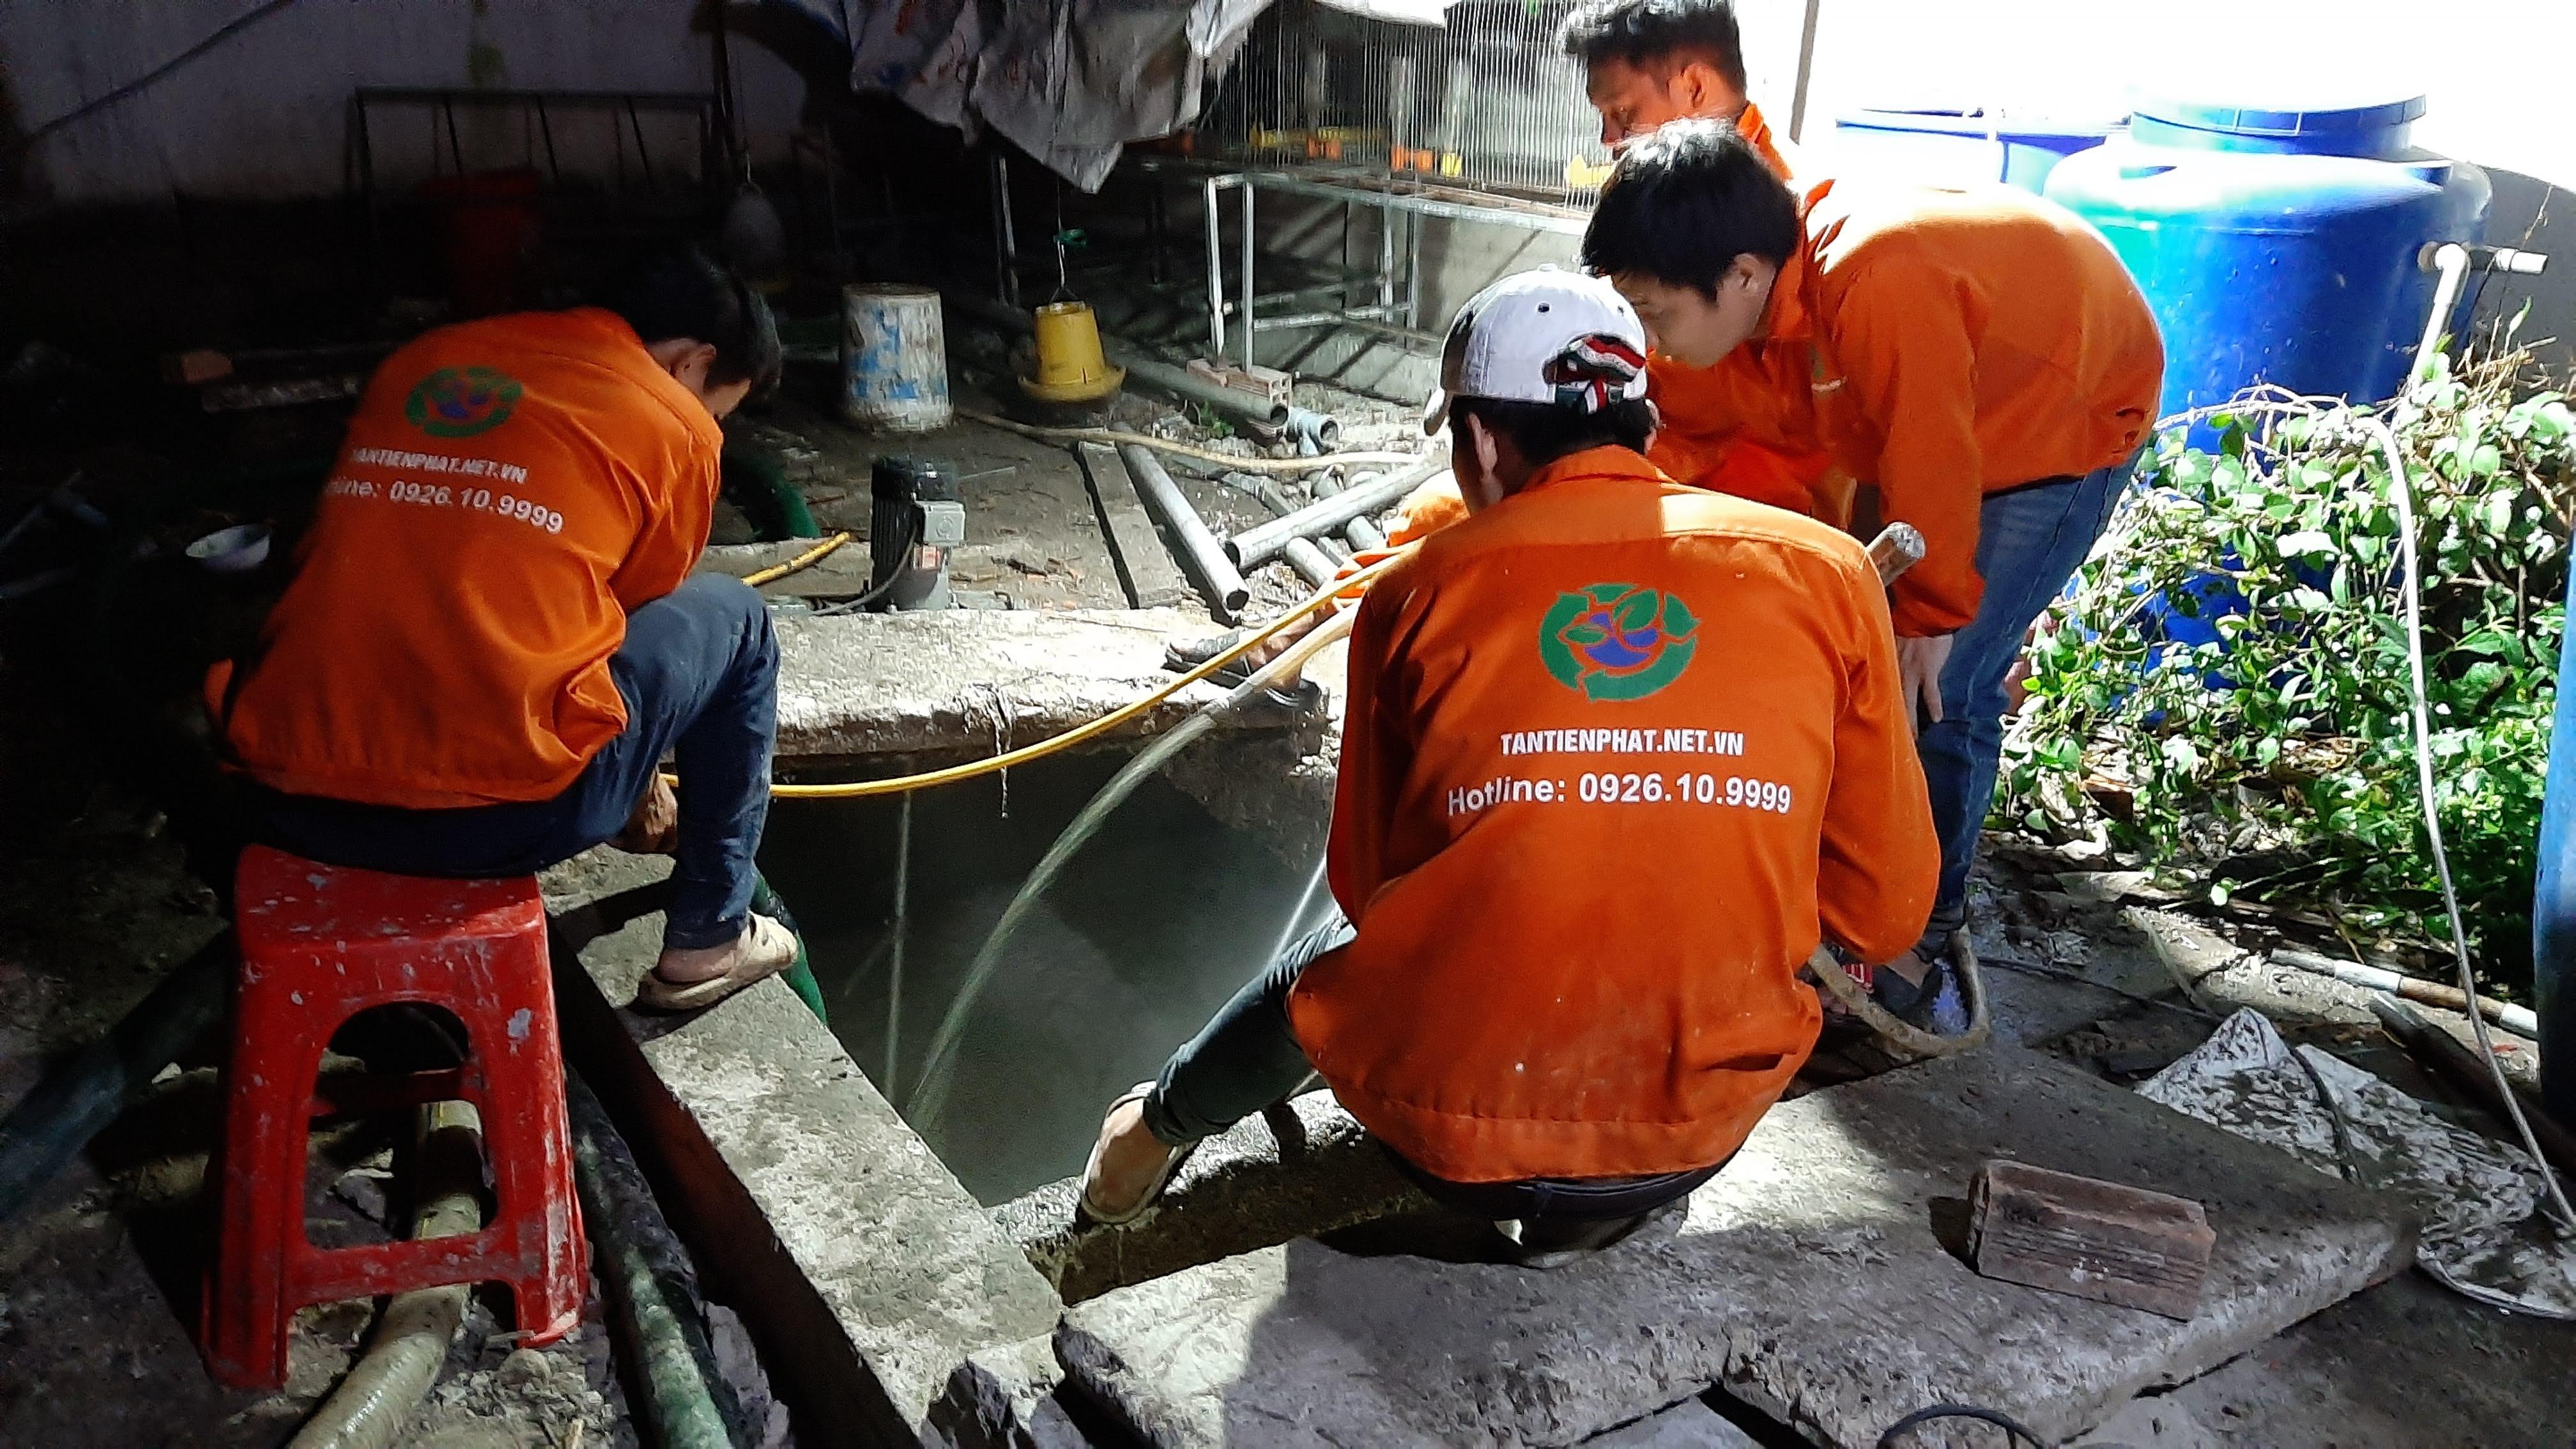 Nhật Quang - đơn vị hút hầm cầu uy tín, chuyên nghiệp và đáng tin cậy